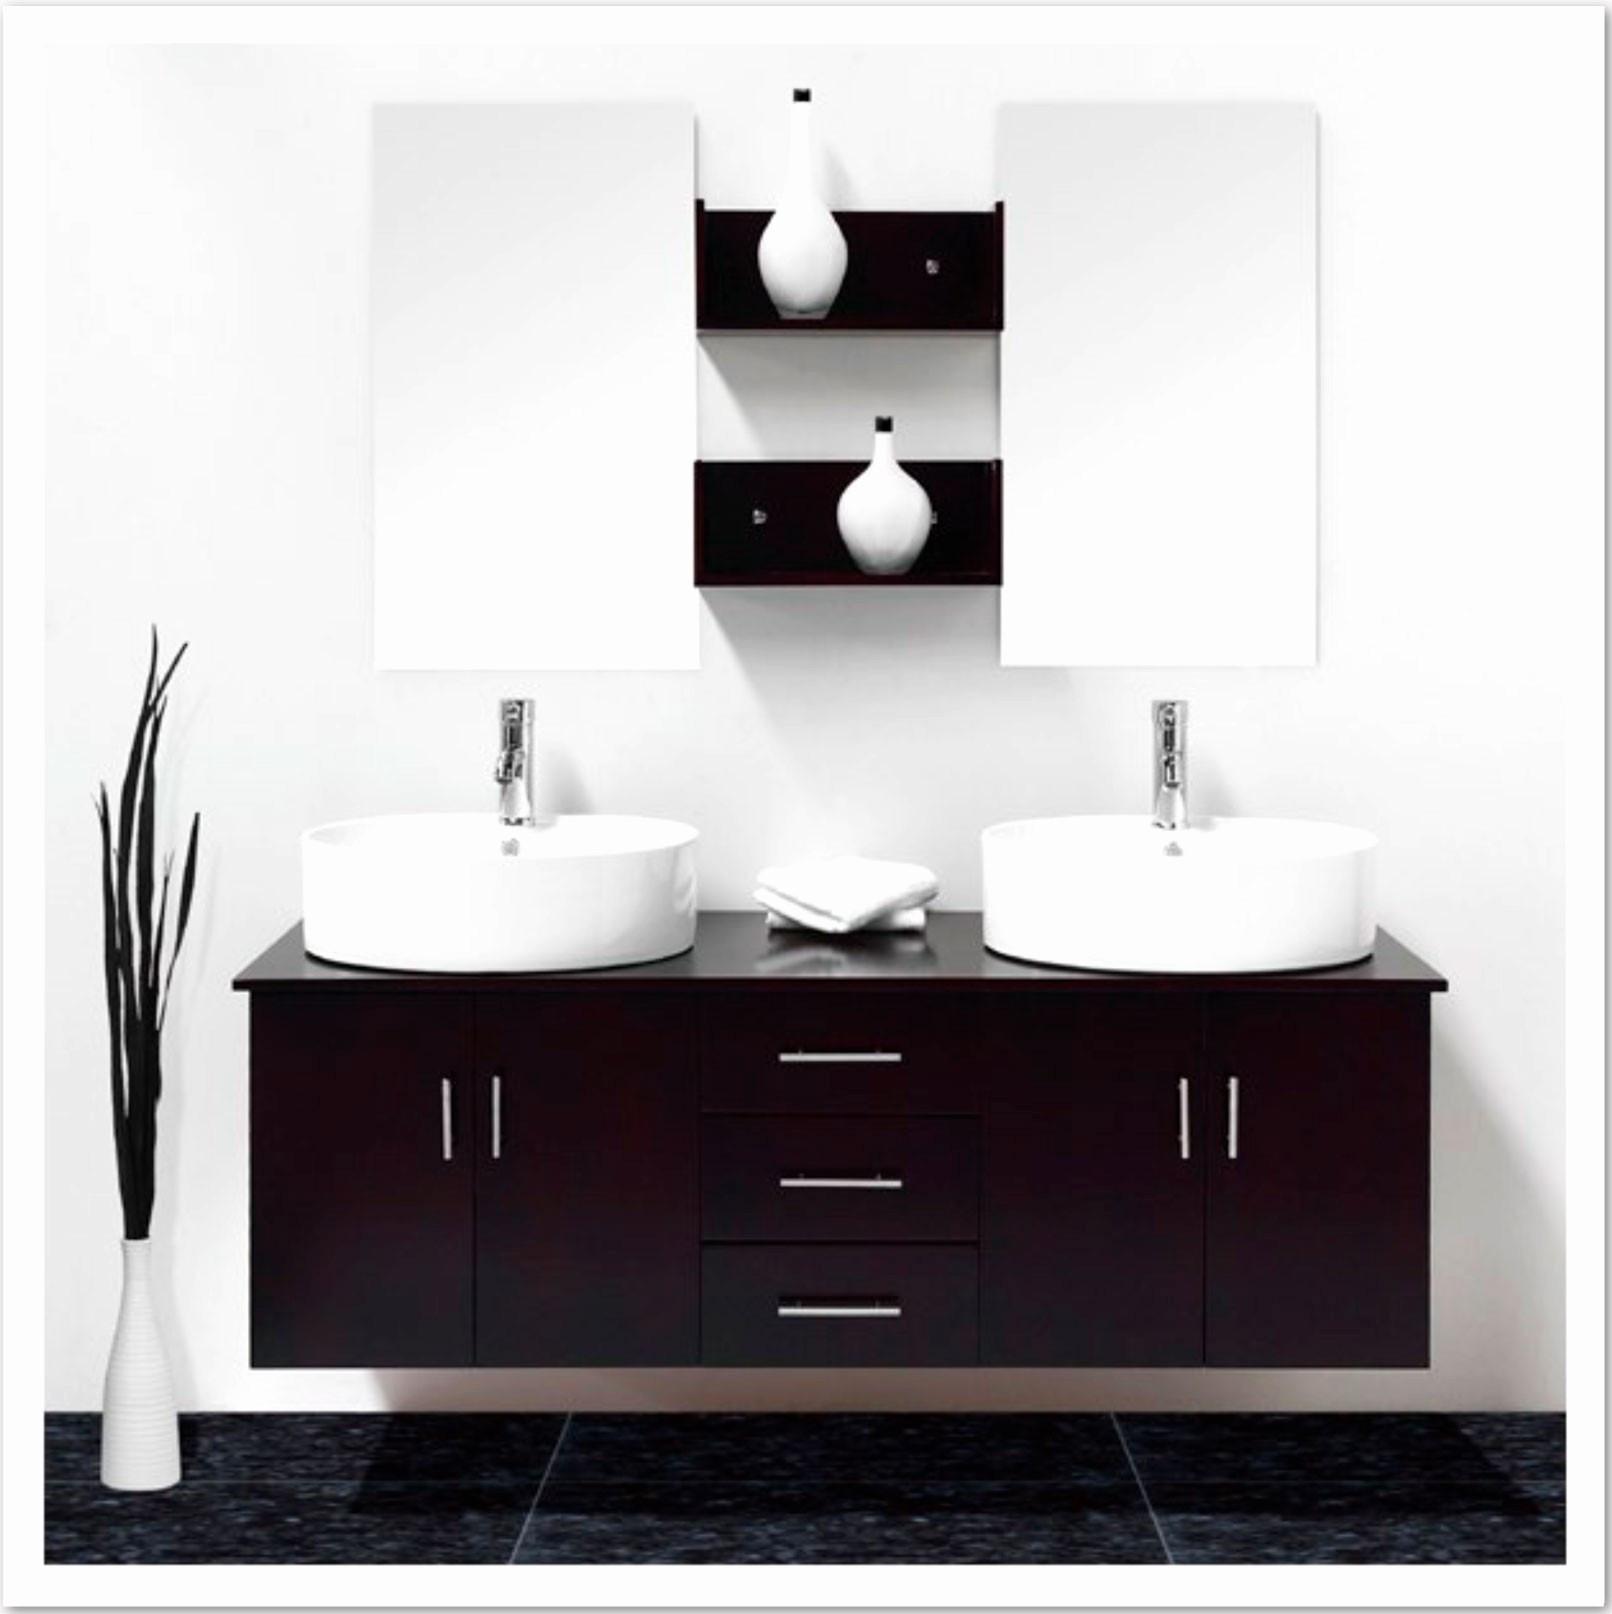 Cedeo meuble salle de bain l gant photos radiateur salle de bain mixte luxe cedeo salle de bain - Radiateur mixte salle de bain ...